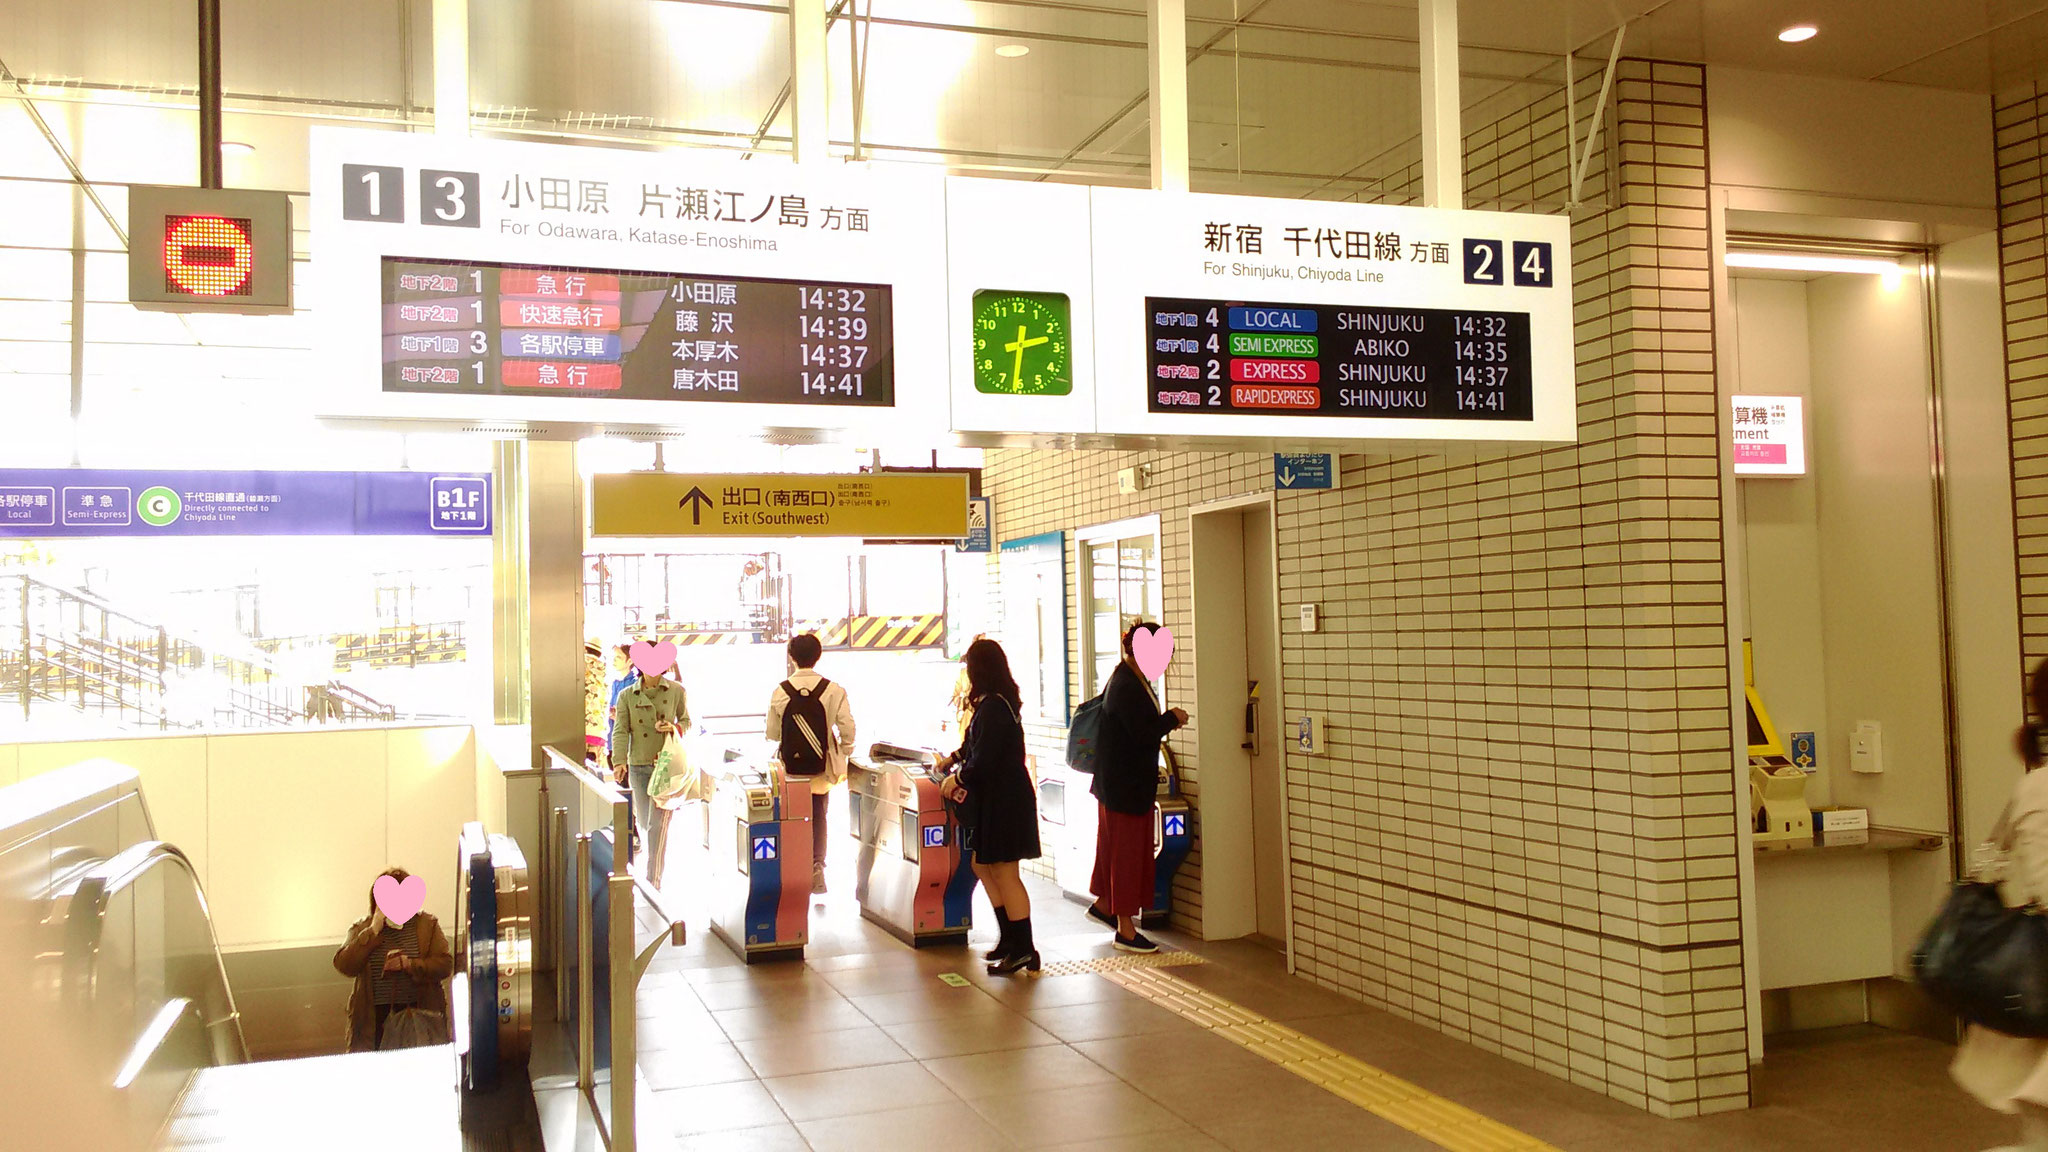 下北沢駅 南西口改札を出たら、すぐ左へ曲がります